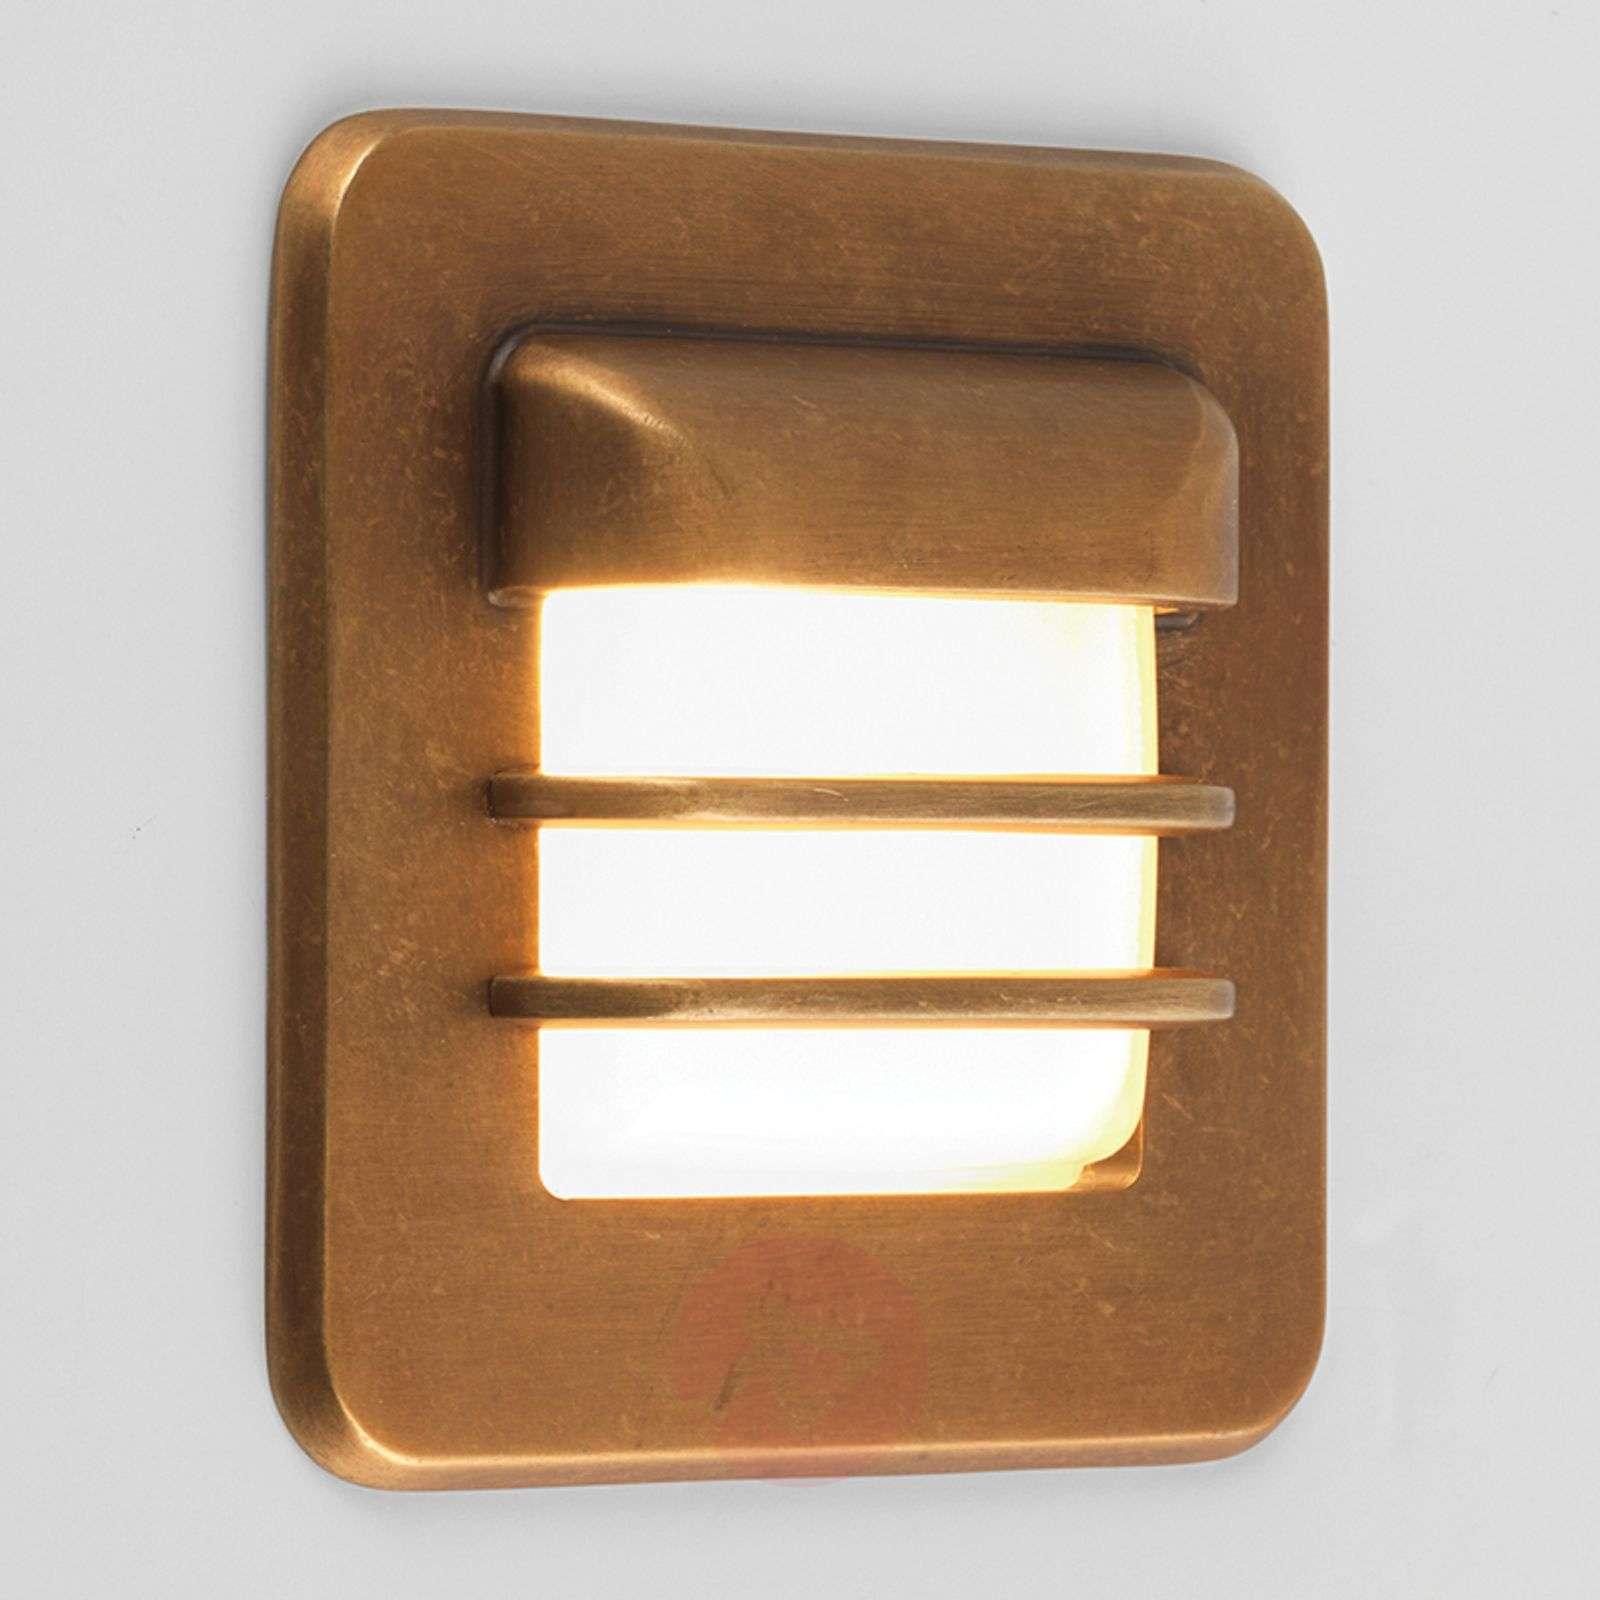 Astro Arran LED-uppovalaisin, kulmikas-1020565-01